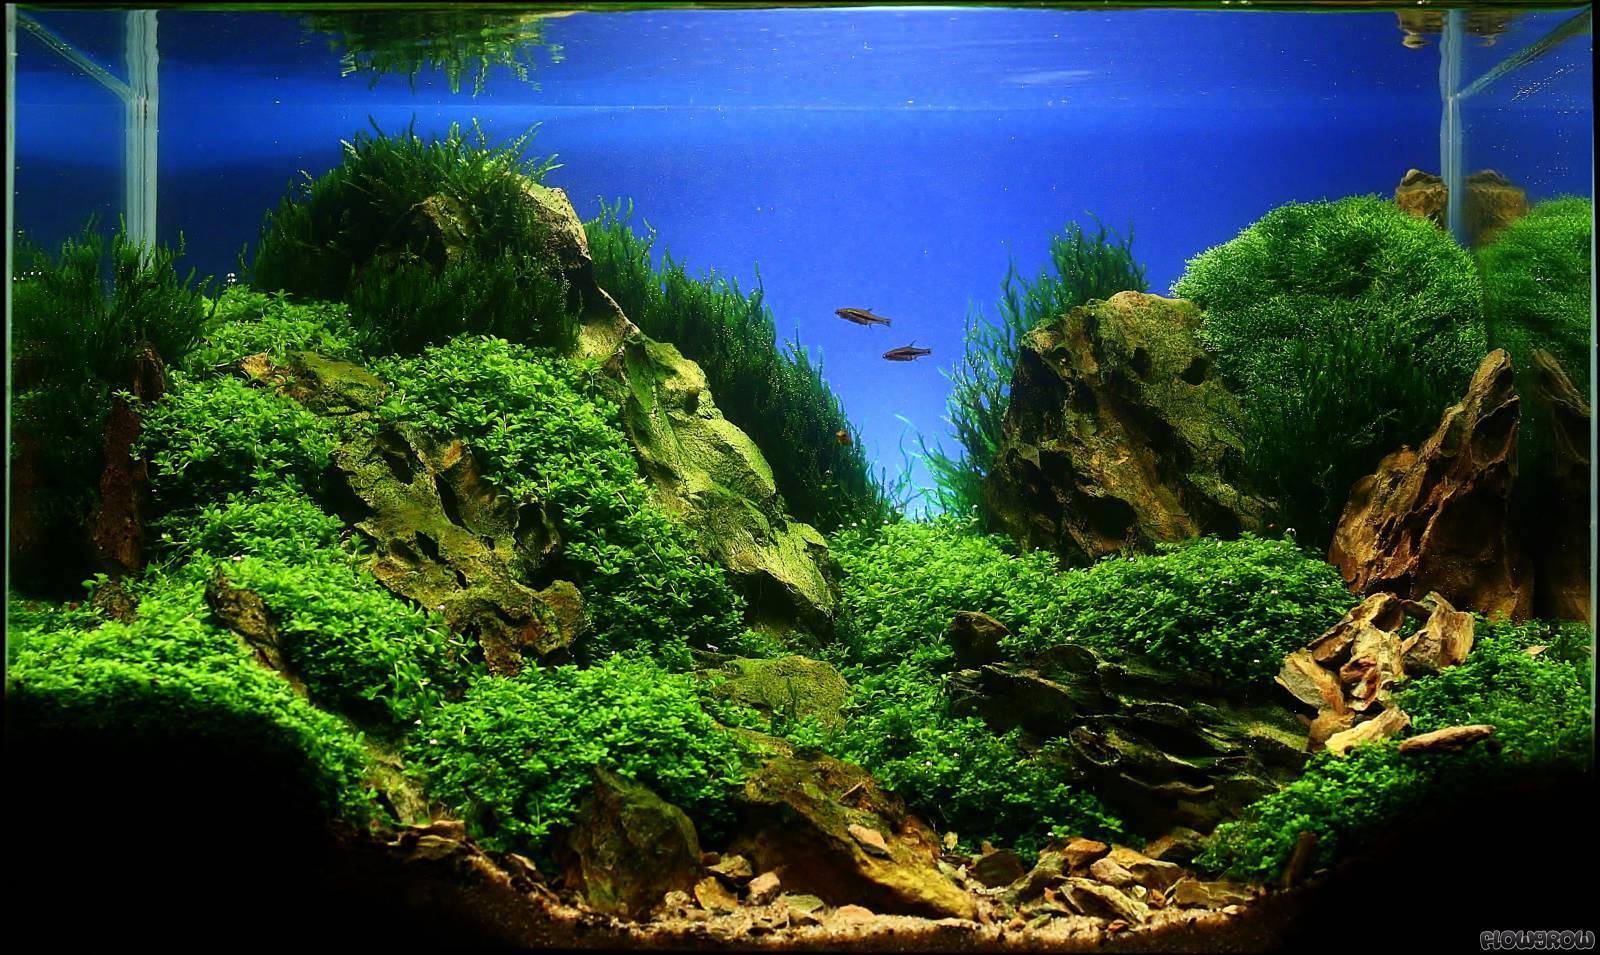 rocks flowgrow aquascape aquarien datenbank. Black Bedroom Furniture Sets. Home Design Ideas